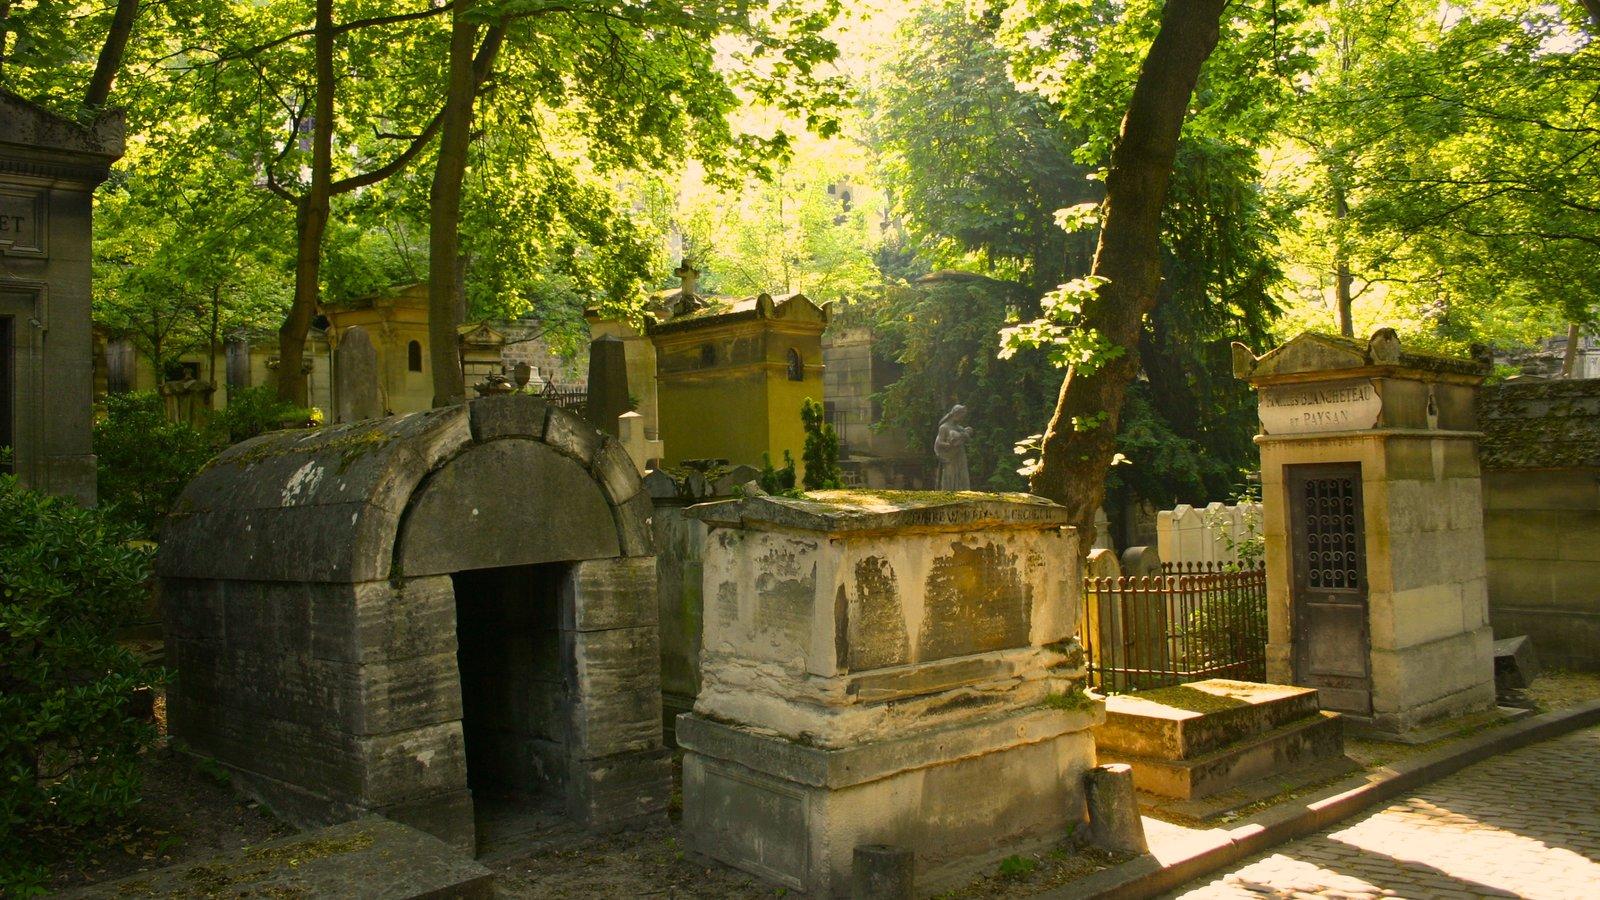 Paris caracterizando um memorial e um cemitério